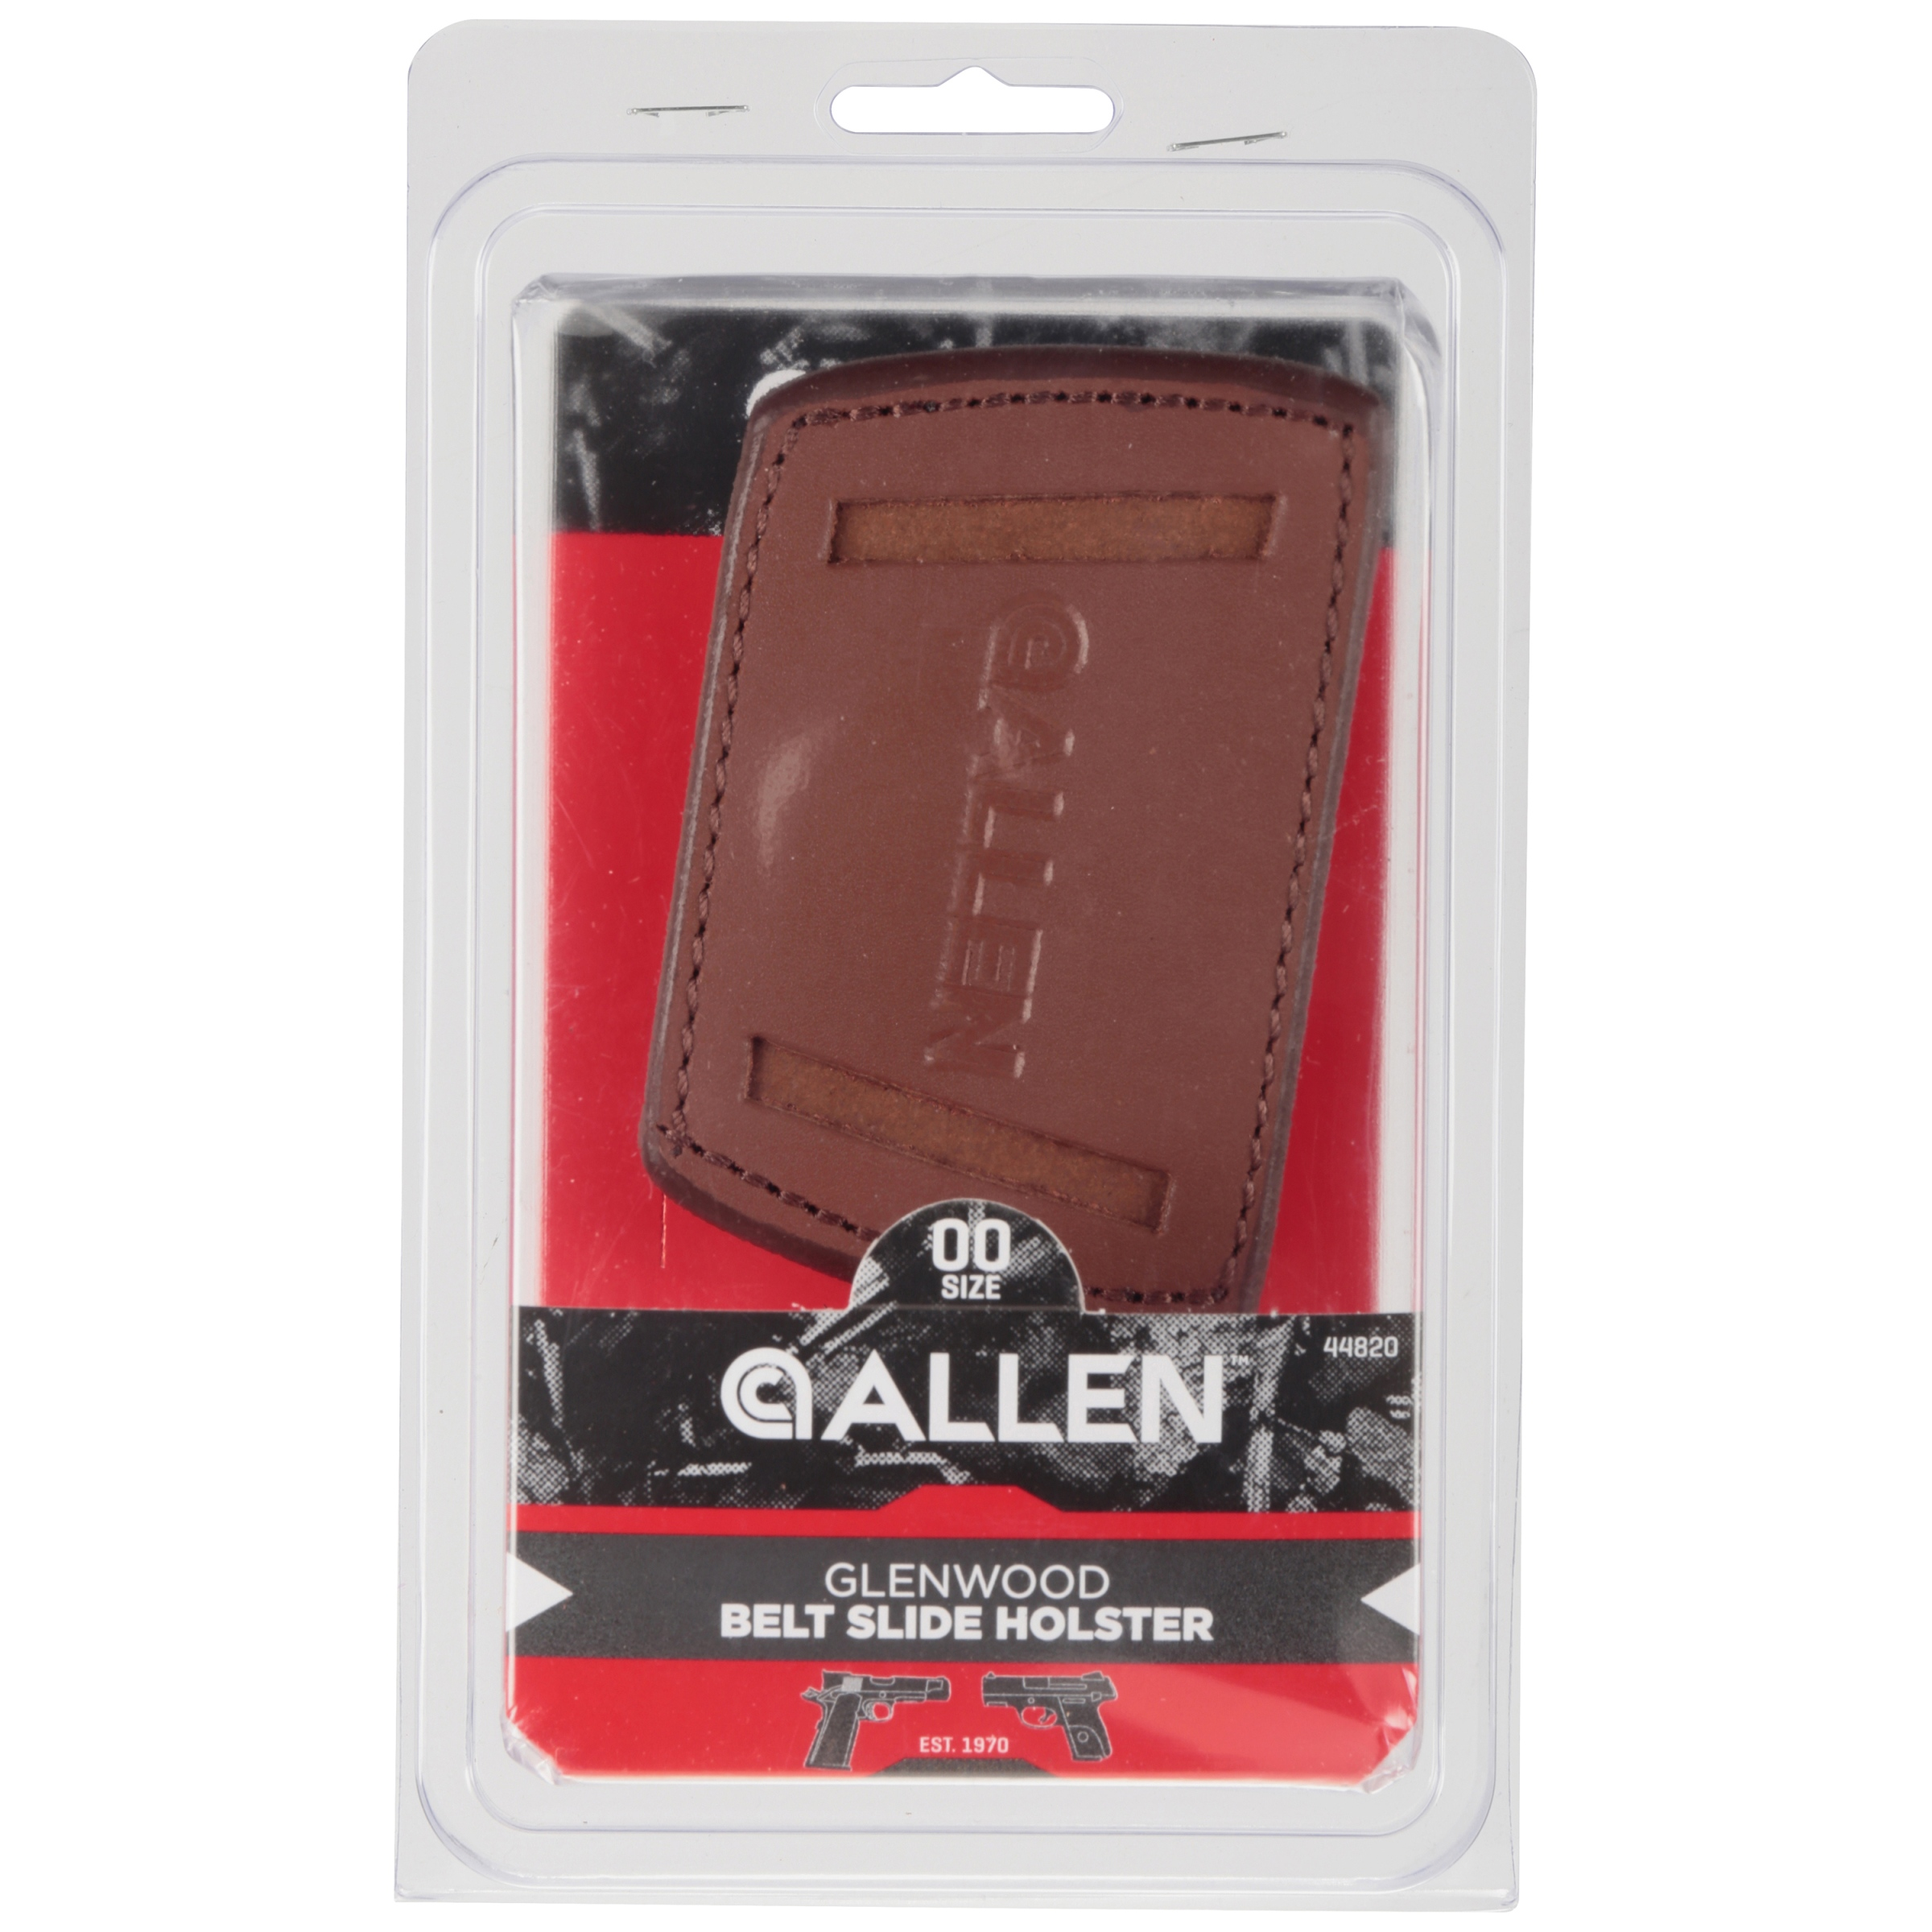 Allen Cases 44821 Glenwood Belt Slide Leather Holster for sale online